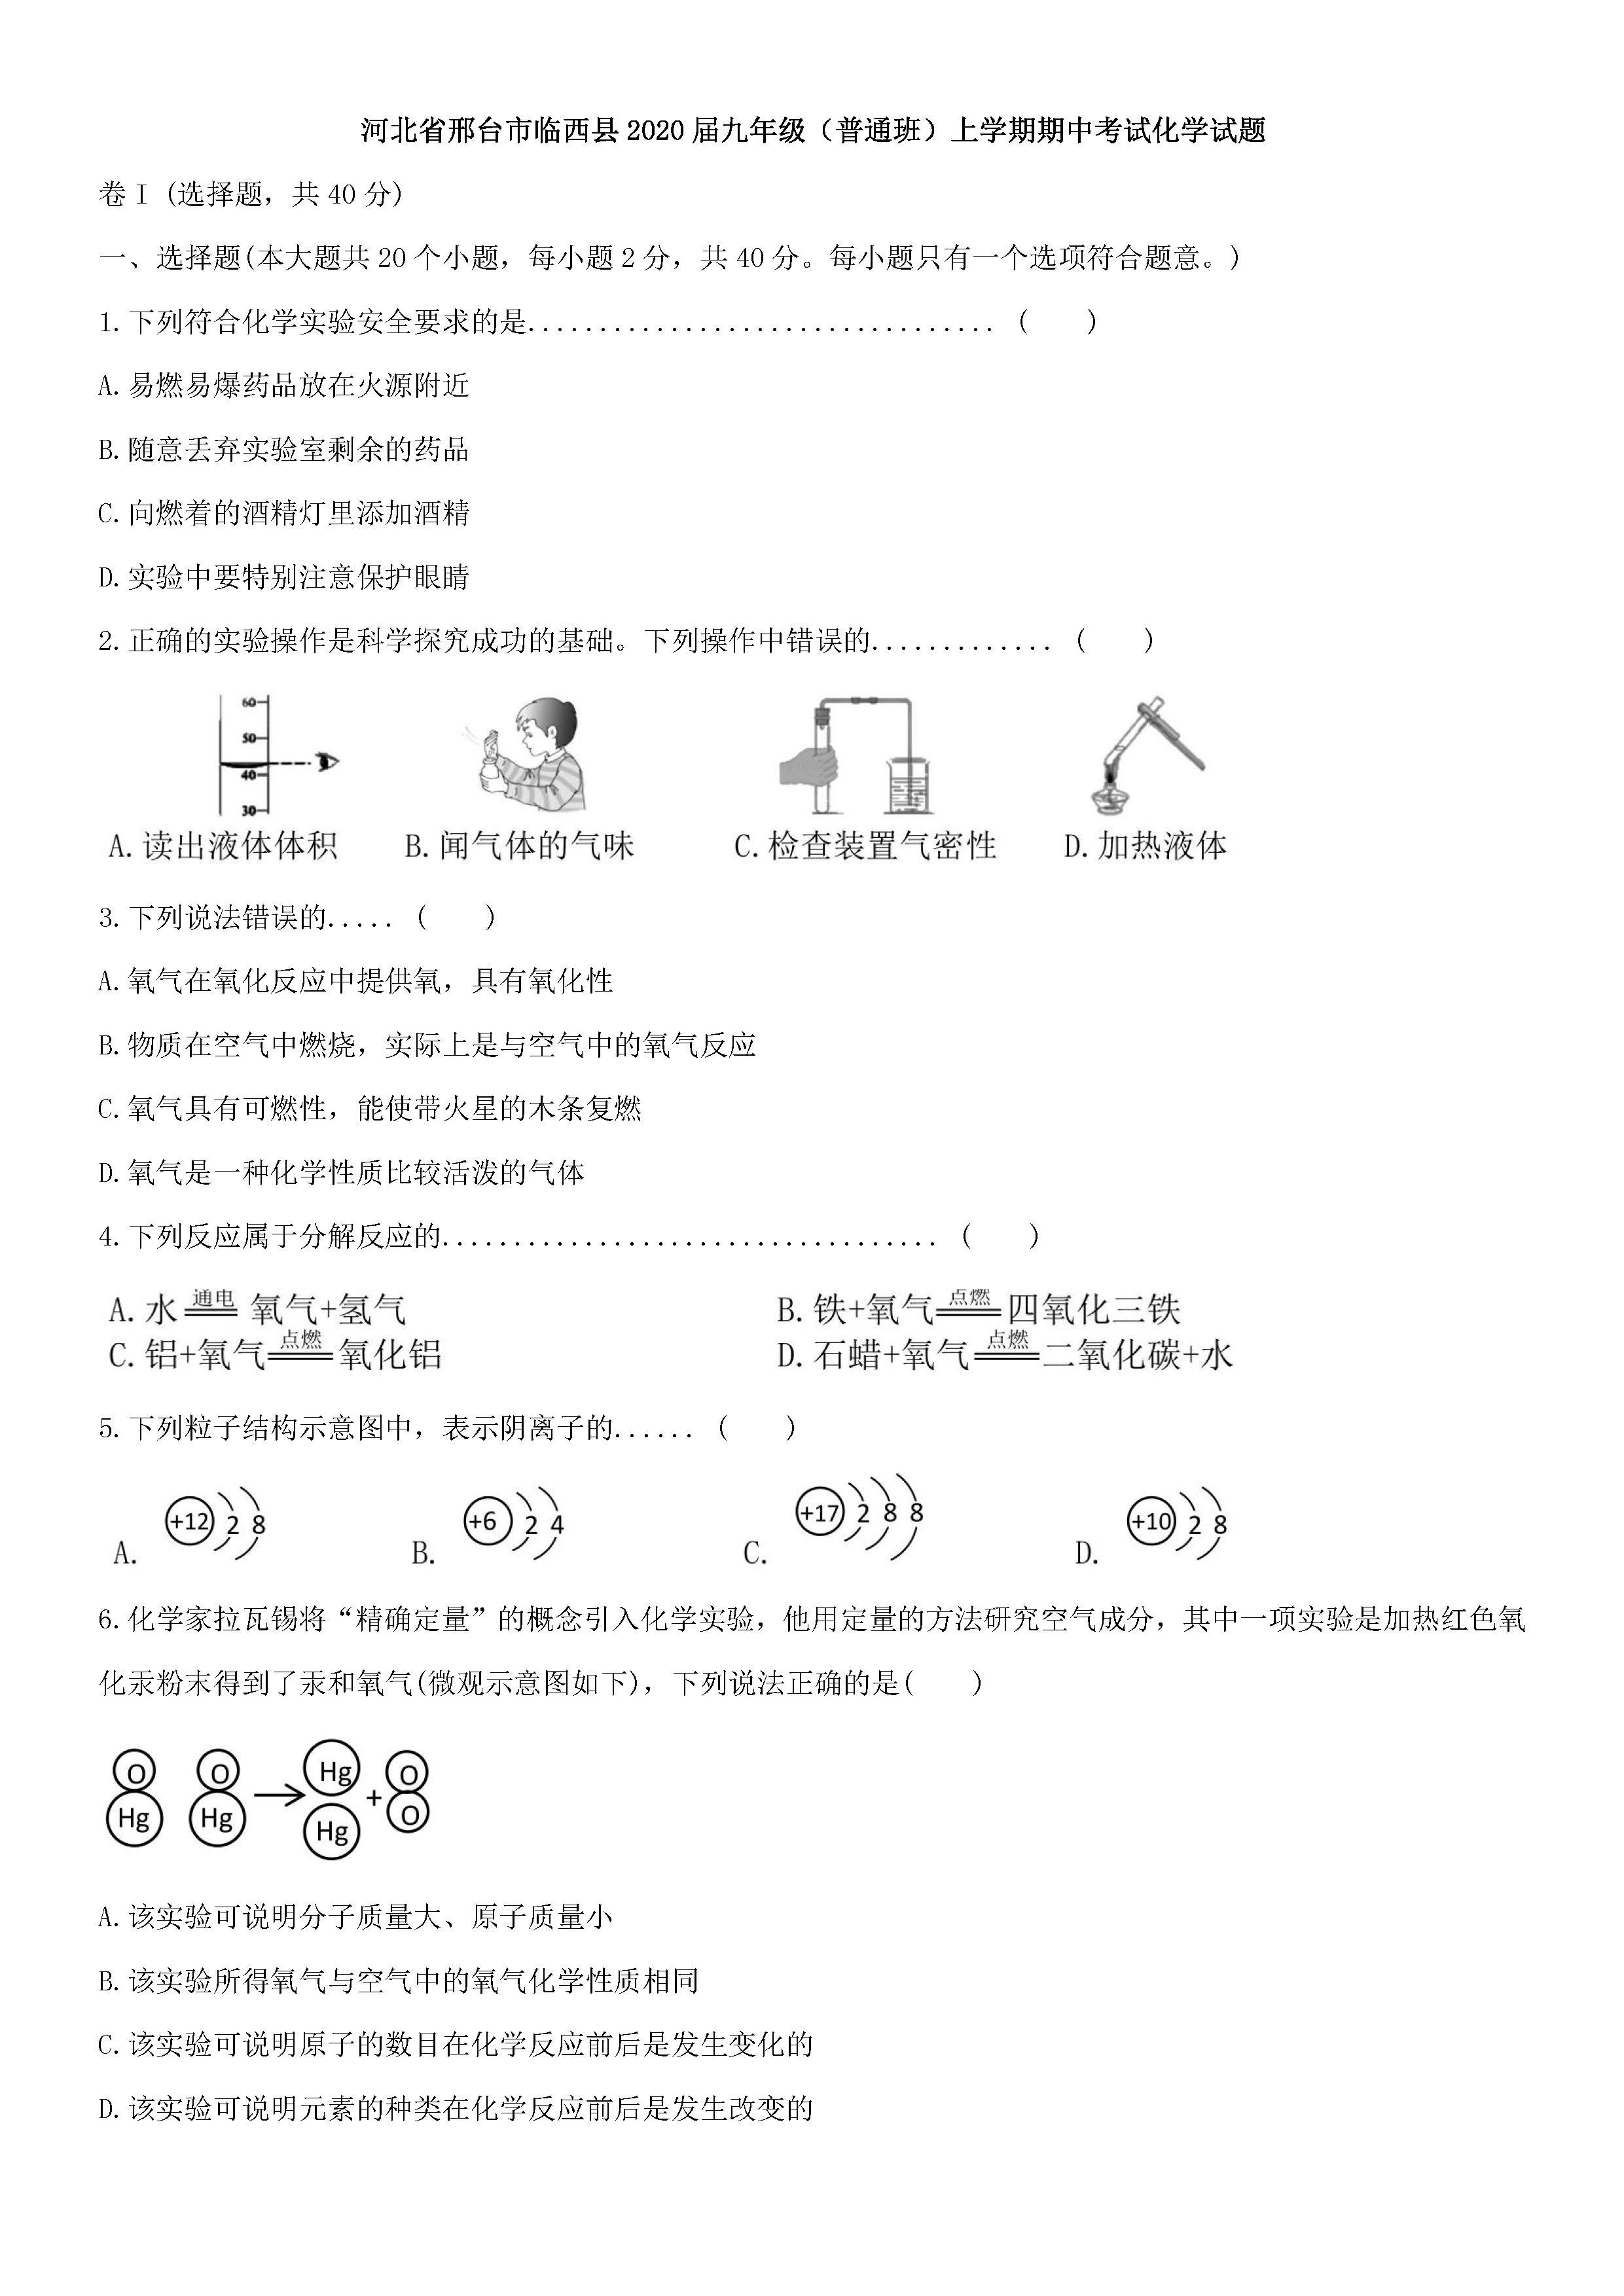 2019-2020邢台临西县初三期中化学模拟试题及答案(PDF下载版)